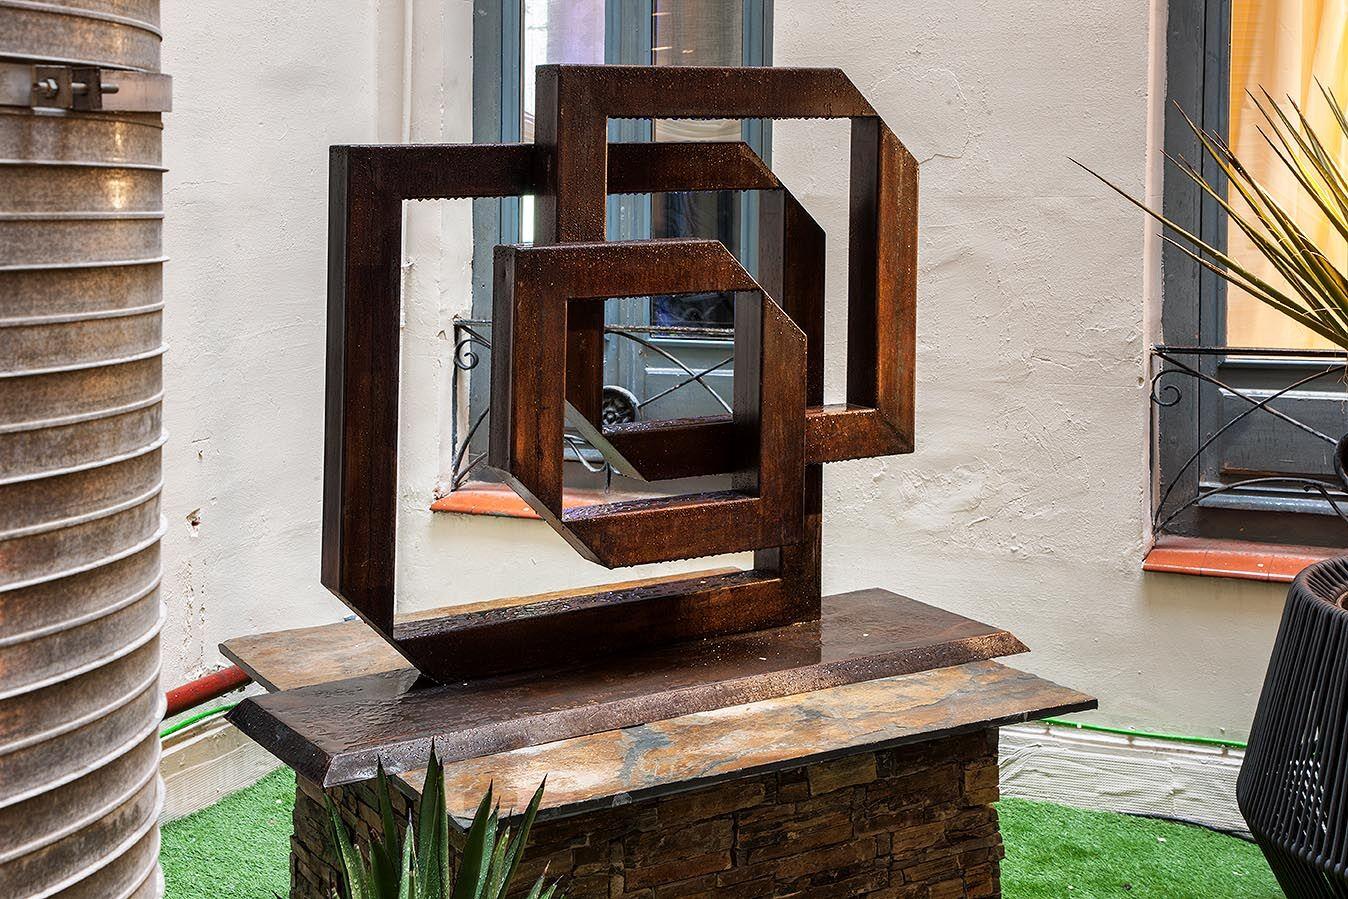 Escultura de Pilar Saenz en Casa Decor 2018